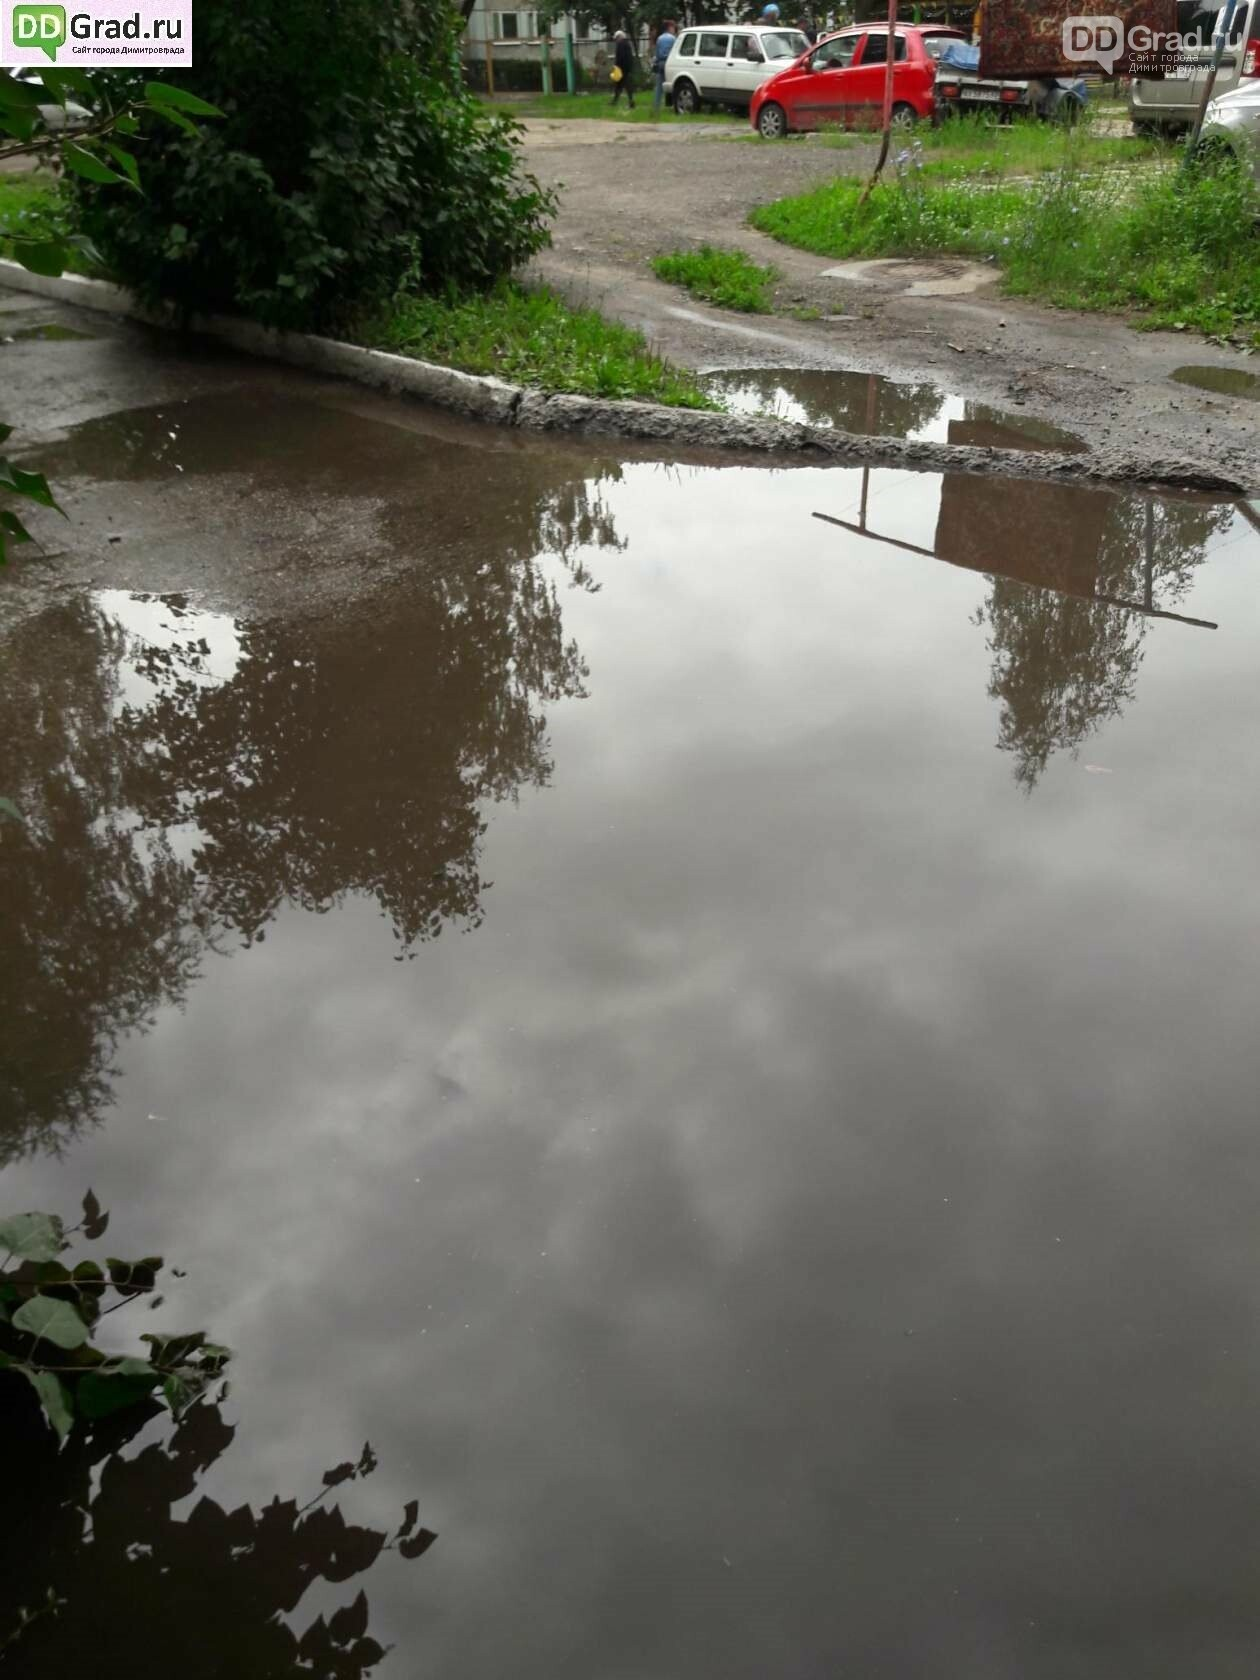 Течёт ручей, бежит ручей... Дороги в Димитровграде, фото-2